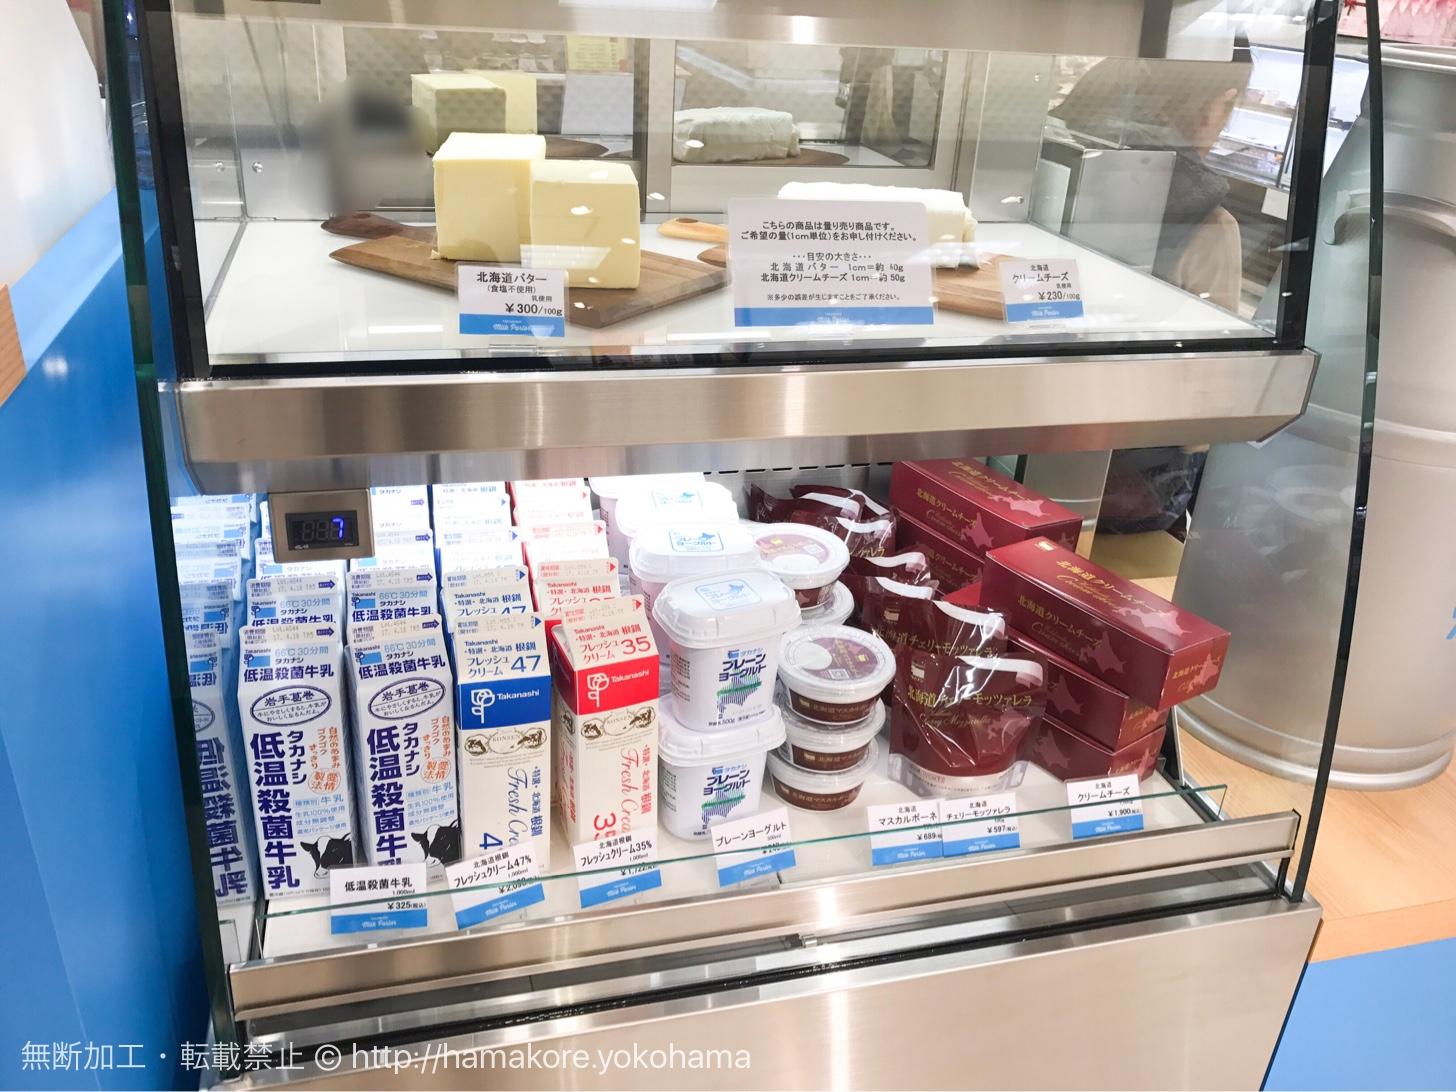 低温殺菌牛乳やヨーグルト、チーズの販売